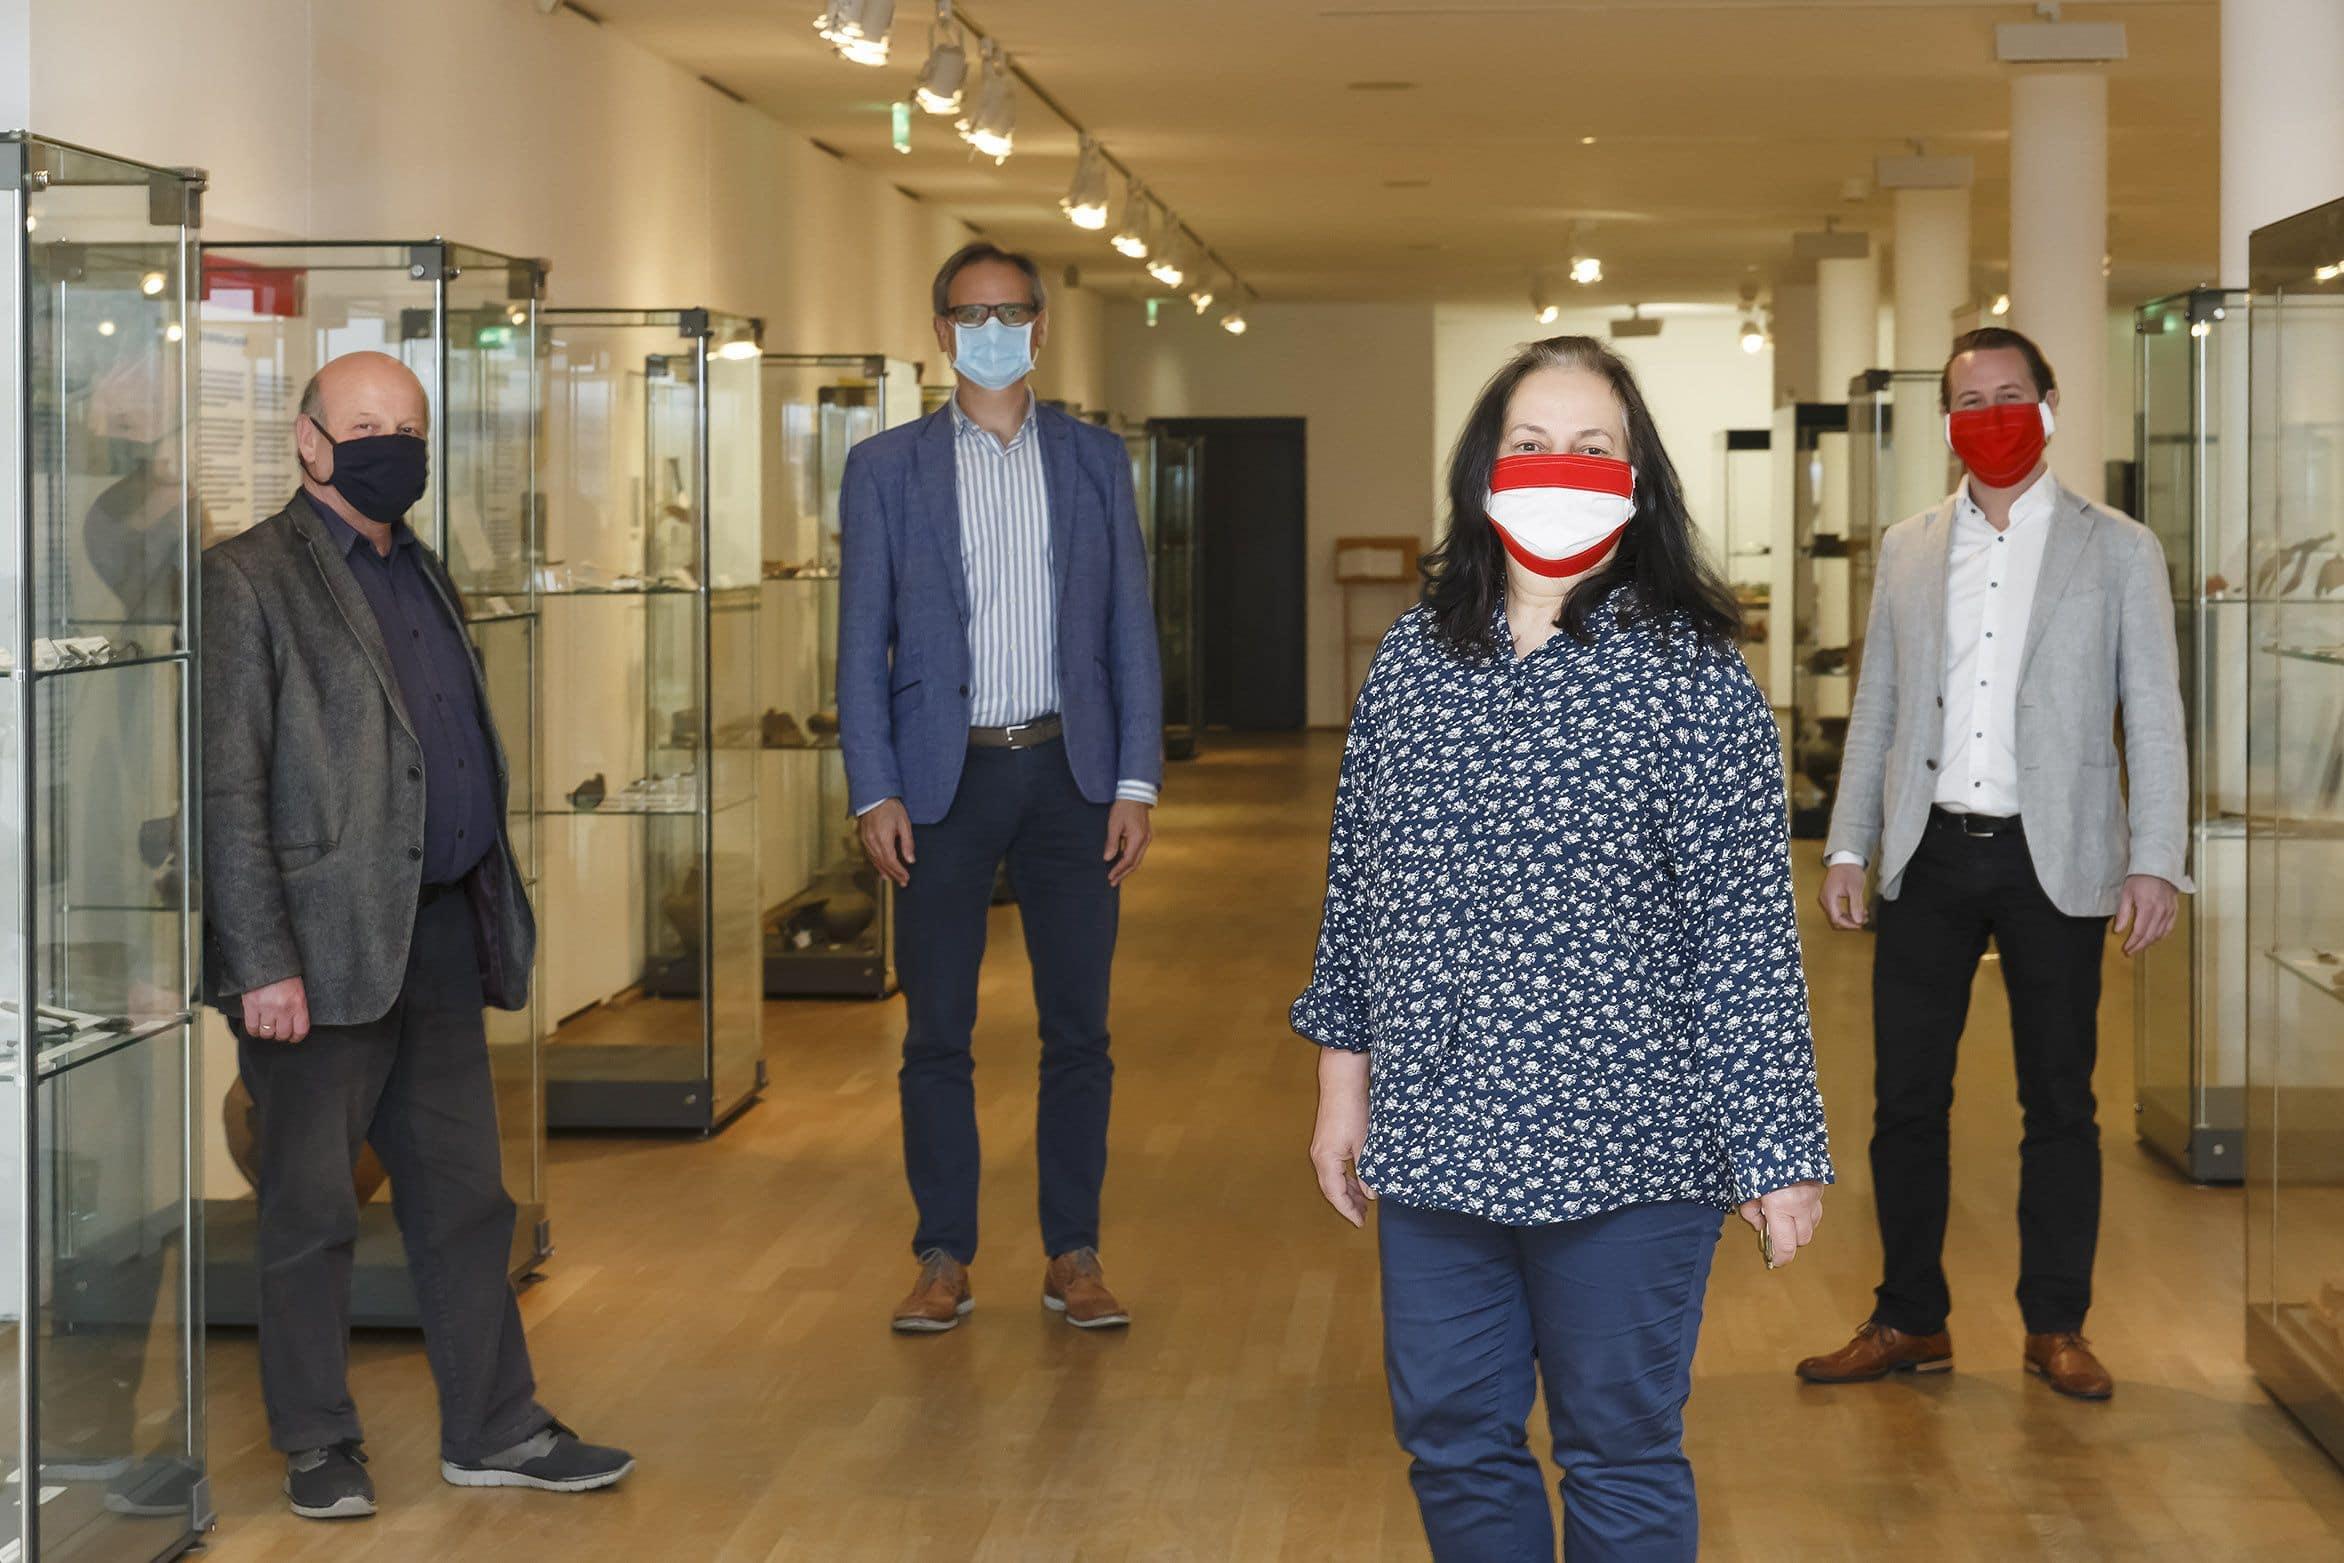 Corona-Lockerungen im Kulturbereich Das Historische Museum der Stadt Regensburg öffnet endlich wieder!